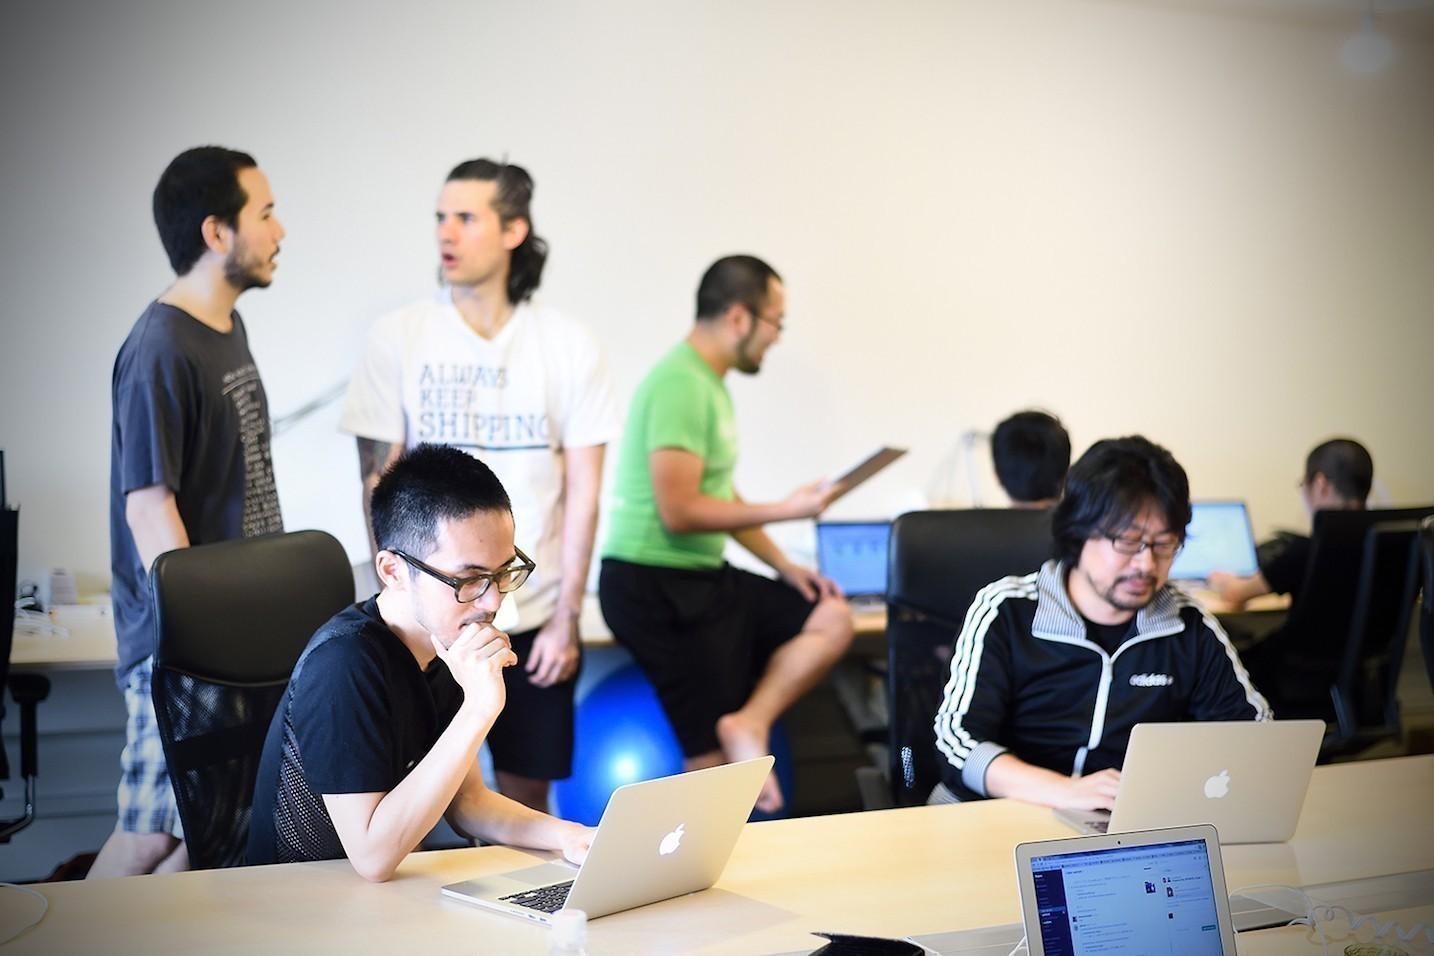 【アプリ開発経験者を歓迎!】グロースハックツール「Repro」のテクニカルサポートを募集